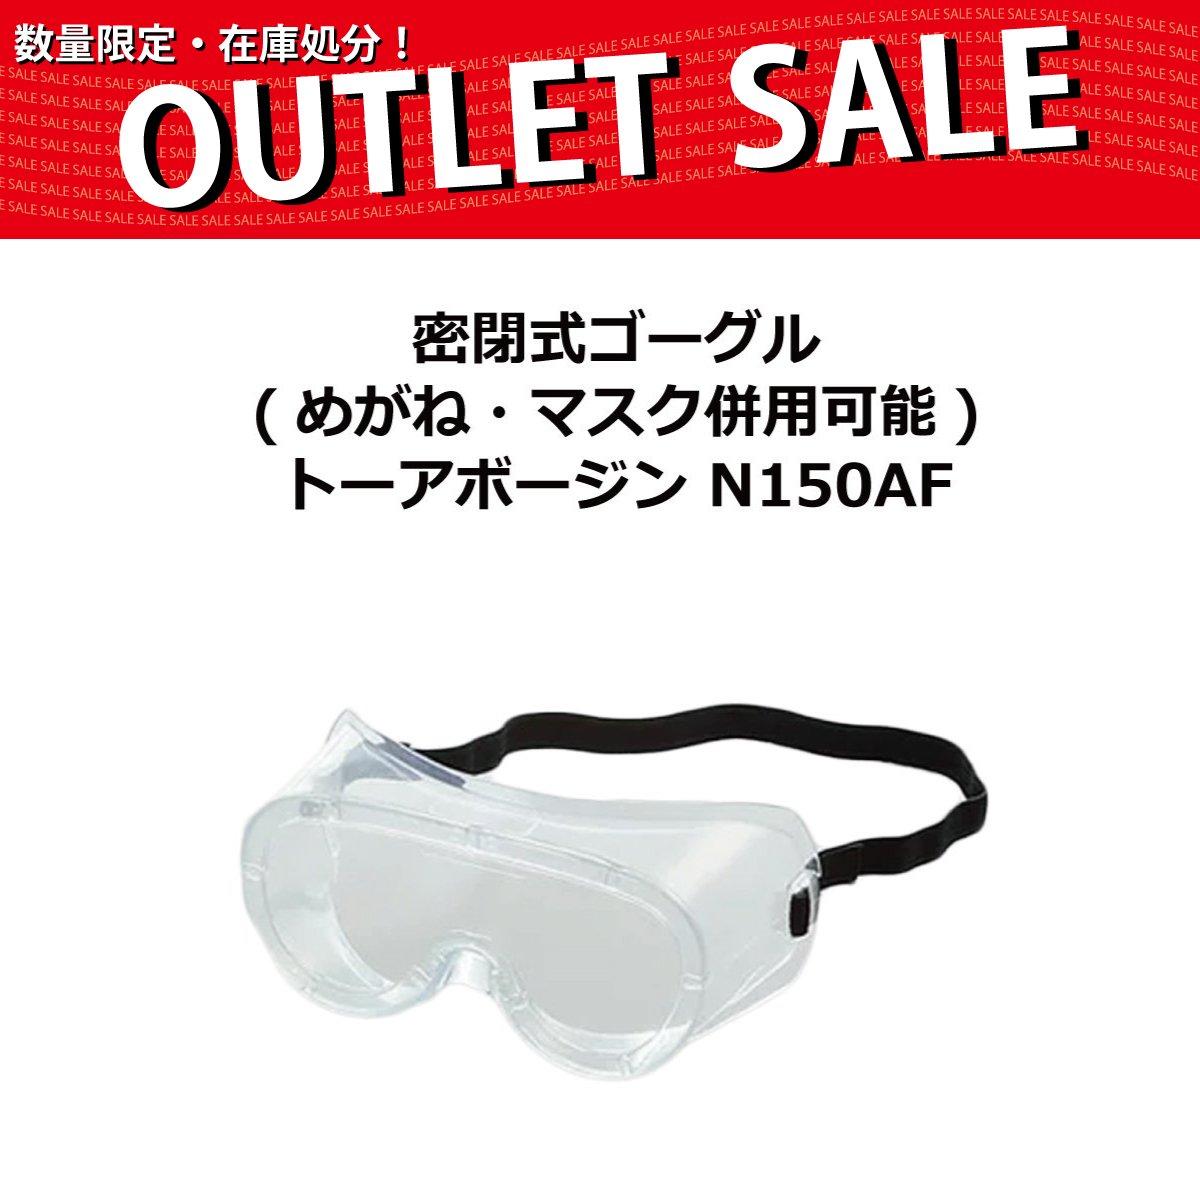 密閉式ゴーグル (めがね・マスク併用可能) トーアボージン N150AF 子供・女性・大人兼用タイプ 曇りにくい防曇加工